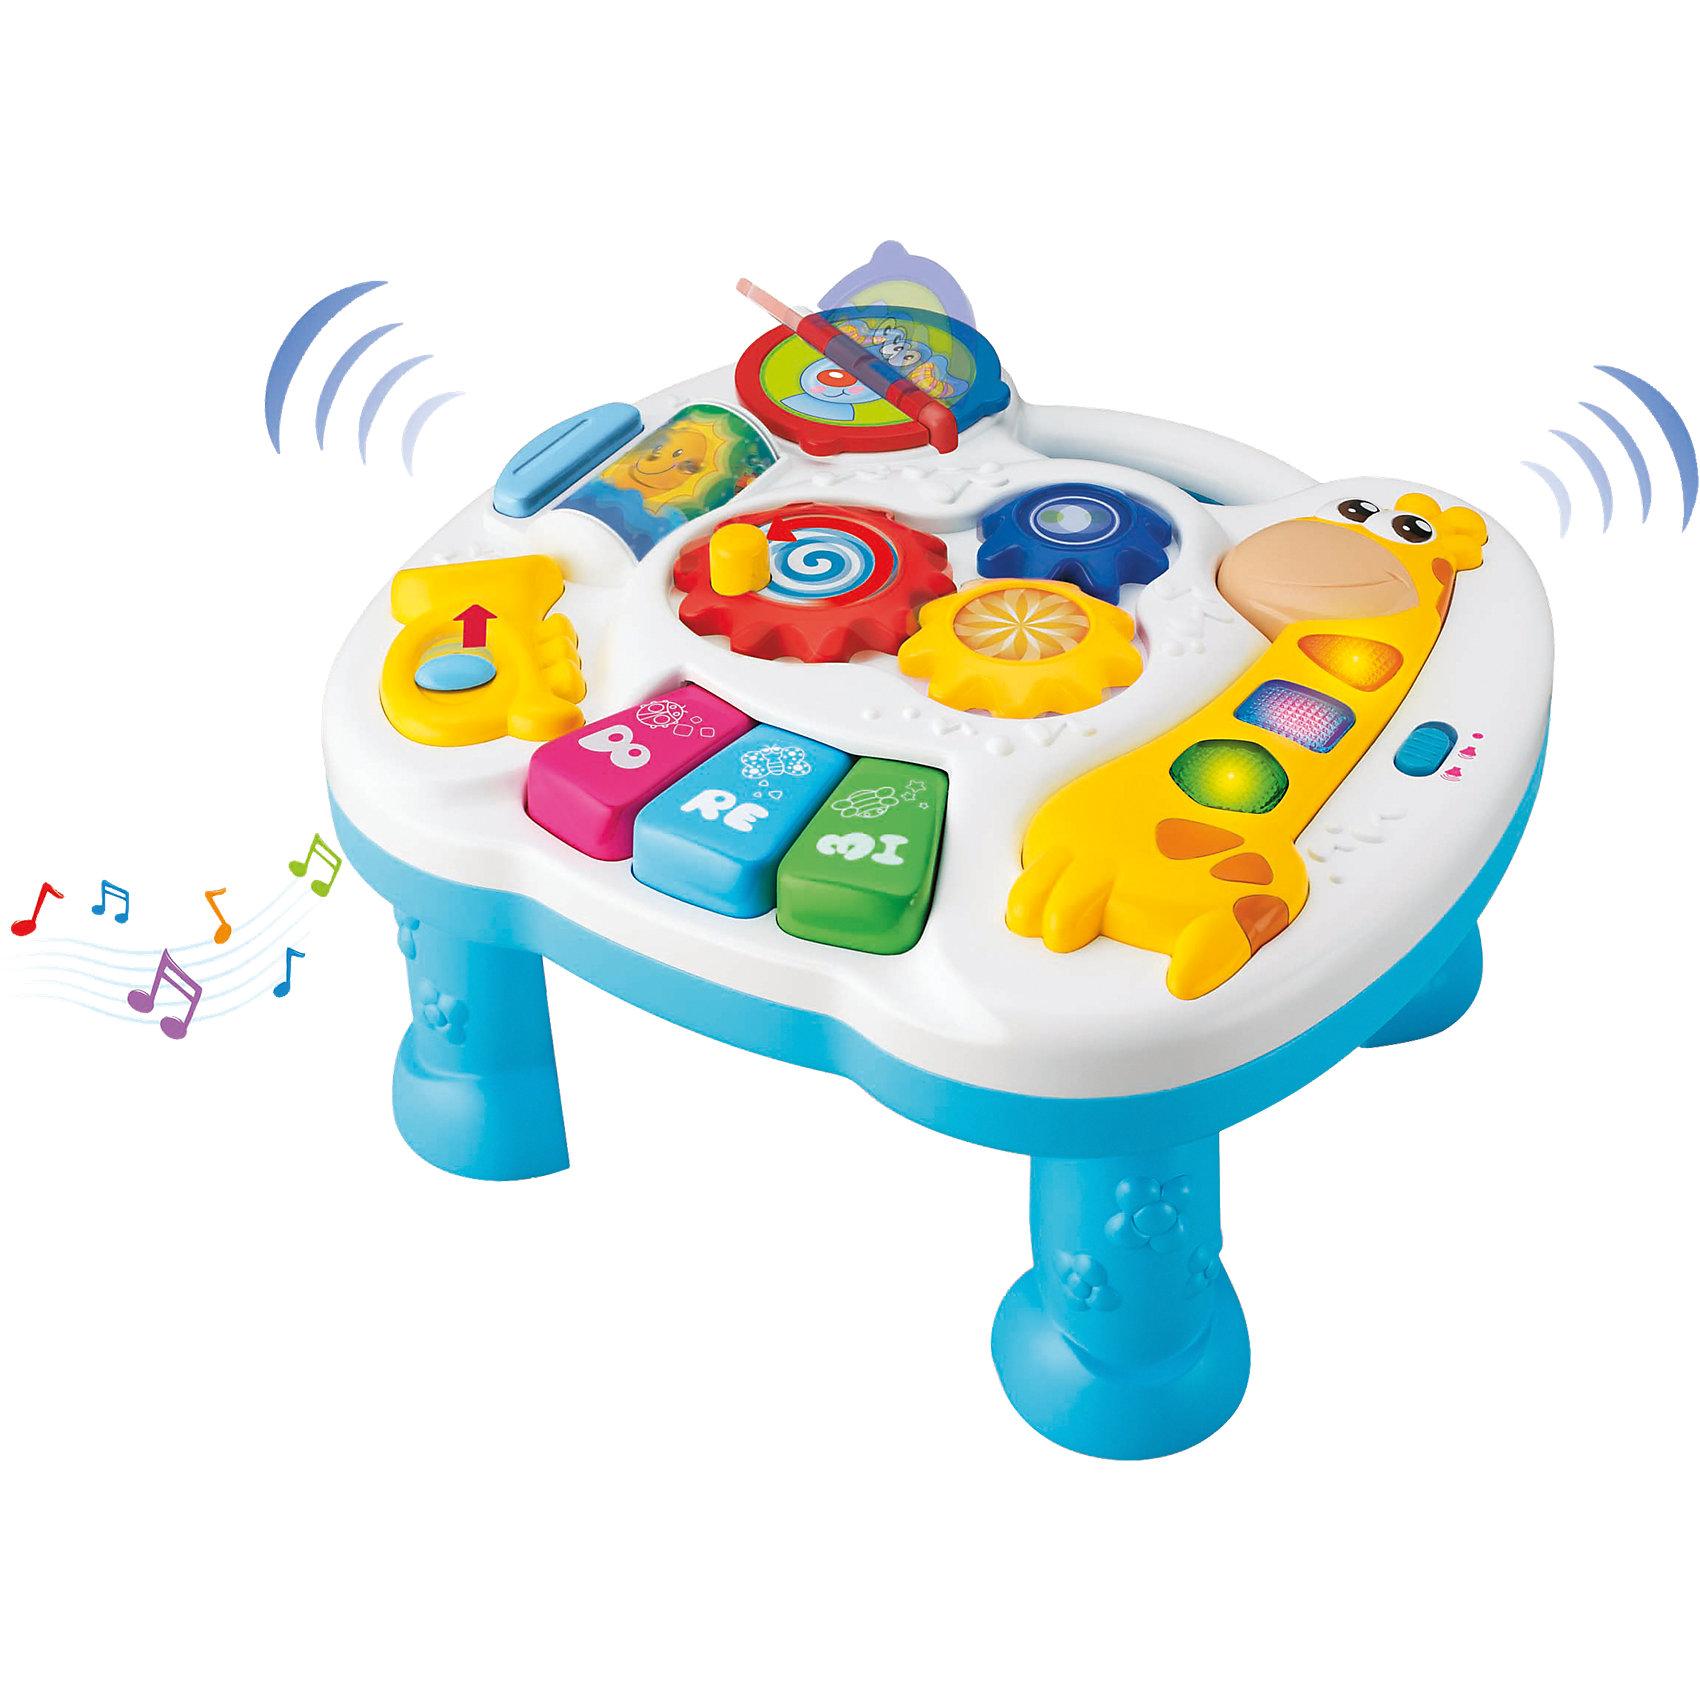 Музыкальный развивающий стол, KeenwayМузыкальный развивающий стол от Keenway (Кинвэй) - отличный подарок крохе. Ведь в панели компактного размера собрано столько всего интересного: можно крутить разноцветные шестеренки, рассматривать перекидные картинки с животными, нажимать на кнопочки, двигать рычажок и даже изучать ноты. Развивающий стол очень привлекателен для ребенка, ведь любое действие малыша сопровождается разными интересными звуками и световыми эффектами. Главным преимуществом этого столика является то, что благодаря устойчивым ножкам с ним можно играть сидя или стоя на полу. Отделенную от ножек панель можно подвесить на кровать или манеж или положить на стол, поэтому Вы сможете пользоваться столиком где Вам удобно.<br><br>Дополнительная информация: <br><br>- Столик прекрасно развивает моторику, слуховое восприятие и координацию;<br>- Множество развивающих функций;<br>- Звуковые и световые эффекты;<br>- Съемные ножки;<br>- Можно подвесить на кроватку;<br>- Размер панели: 26 х 26 см;<br>- Размер упаковки: 8,3 х 38,1 х 26,7 см;<br>- Вес: 0,9 кг<br><br>Музыкальный развивающий стол, Keenway (Кинвэй) можно купить в нашем интернет-магазине<br><br>Ширина мм: 83<br>Глубина мм: 381<br>Высота мм: 267<br>Вес г: 990<br>Возраст от месяцев: 6<br>Возраст до месяцев: 36<br>Пол: Унисекс<br>Возраст: Детский<br>SKU: 4001683